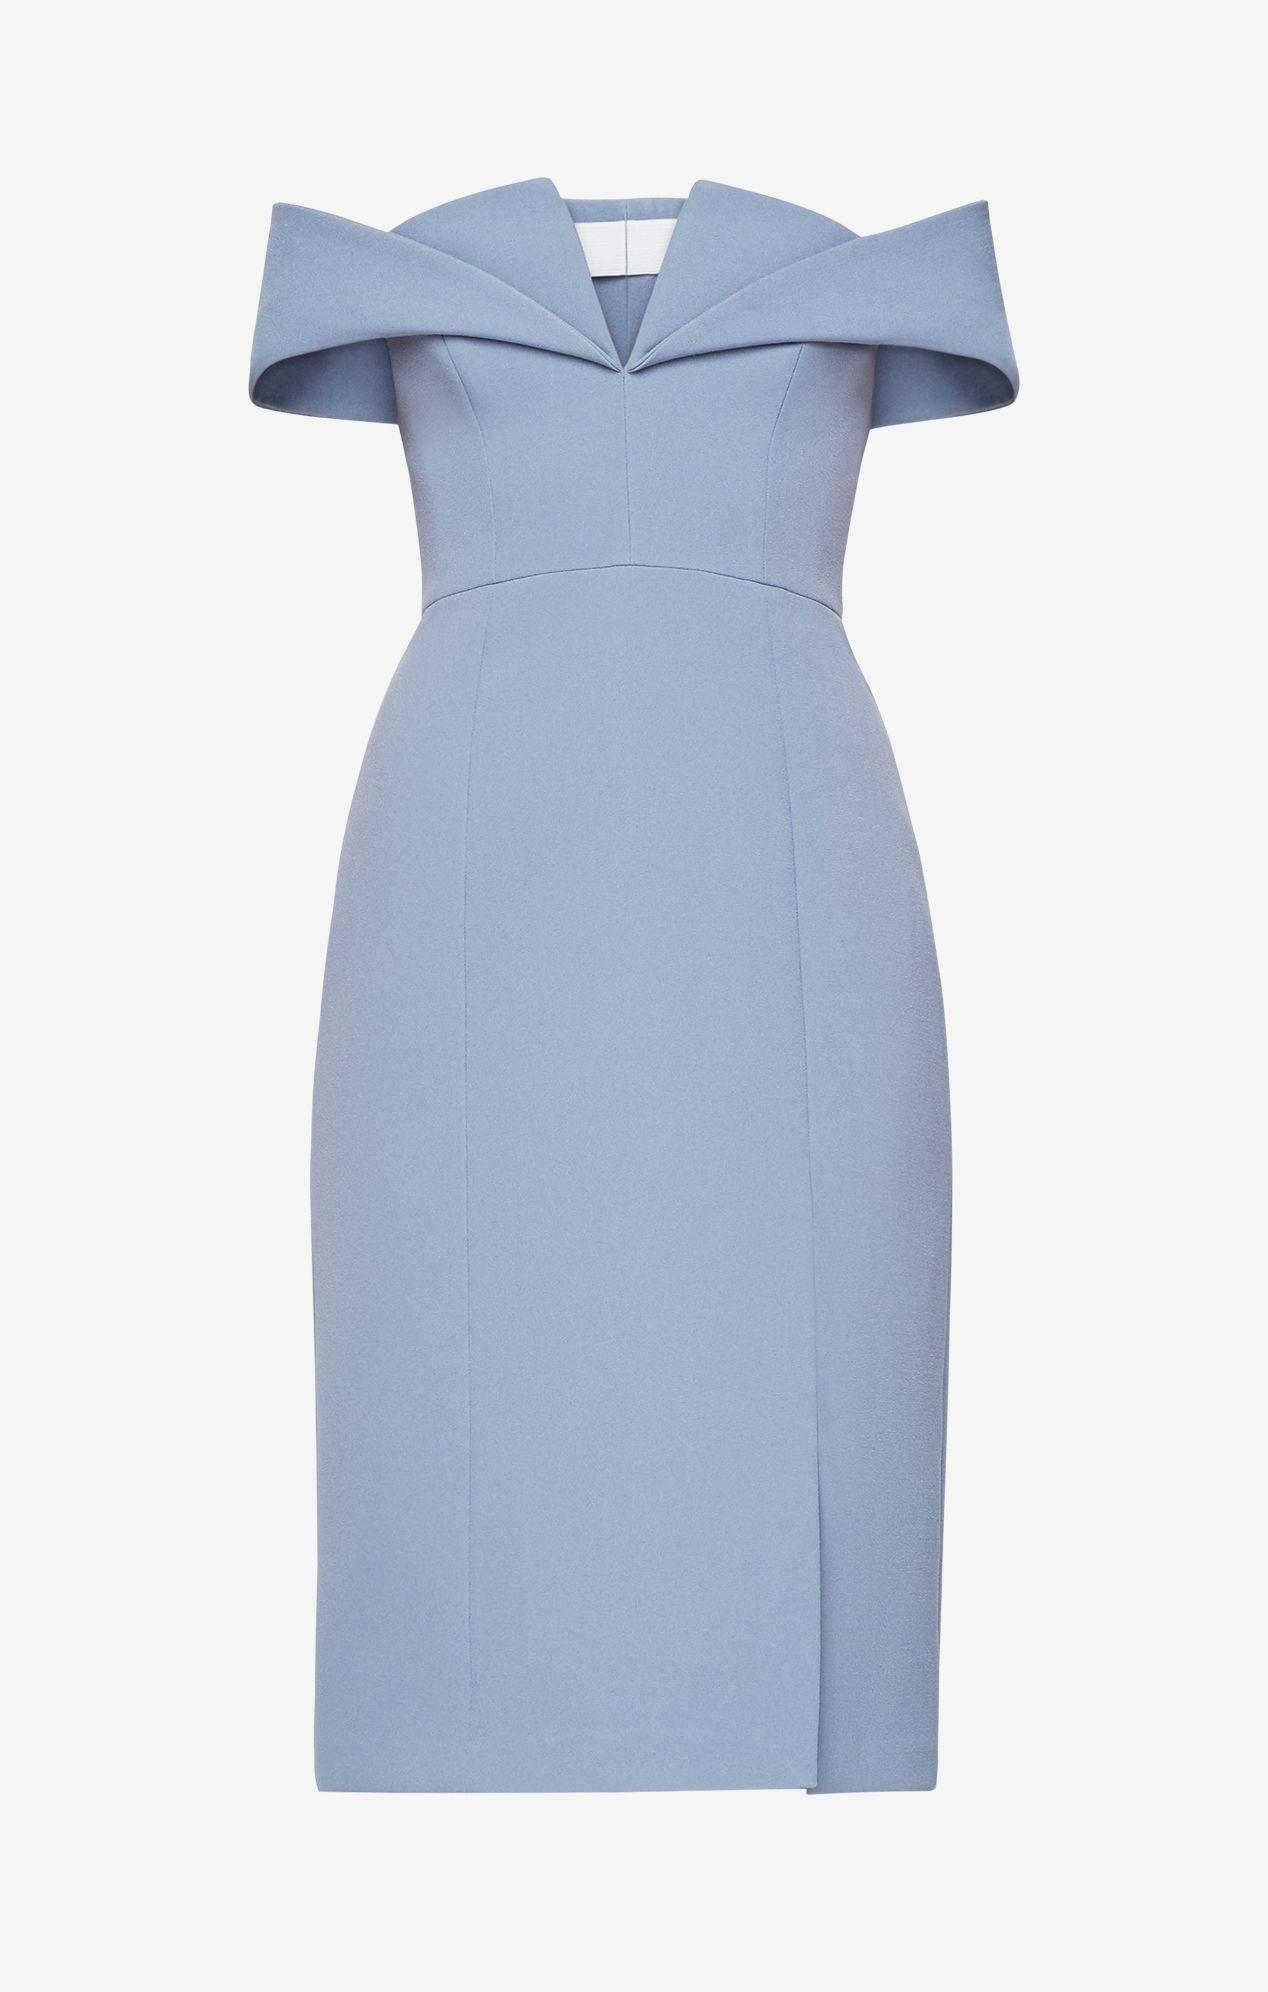 10 Fantastisch Schicke Kleider Für Eine Hochzeit Bester Preis Fantastisch Schicke Kleider Für Eine Hochzeit Galerie